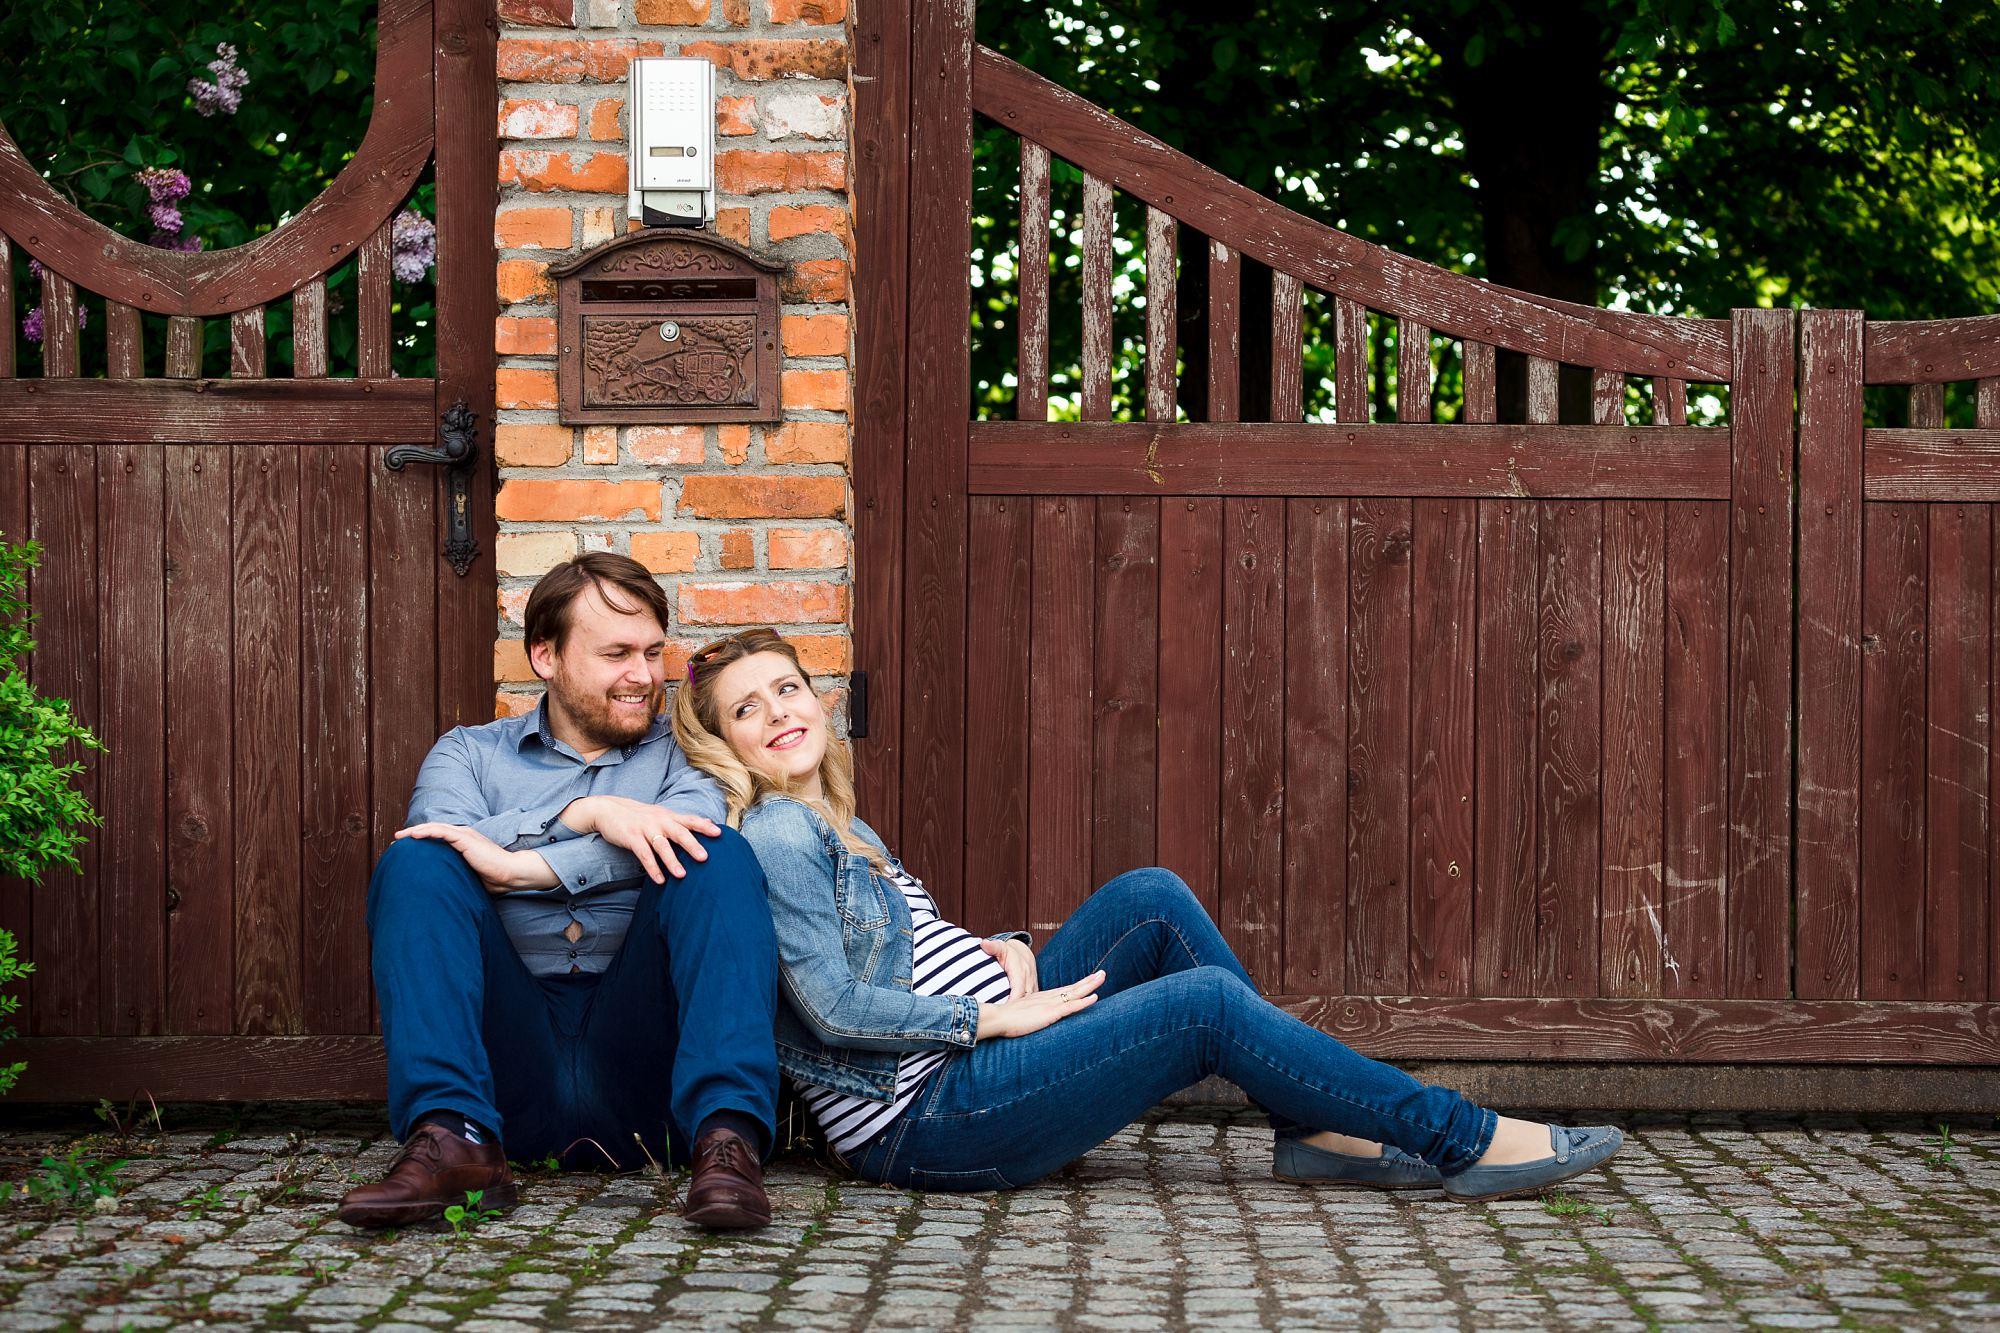 kobieta w ciąży siedzi na ziemi i opiera się o swojego męża